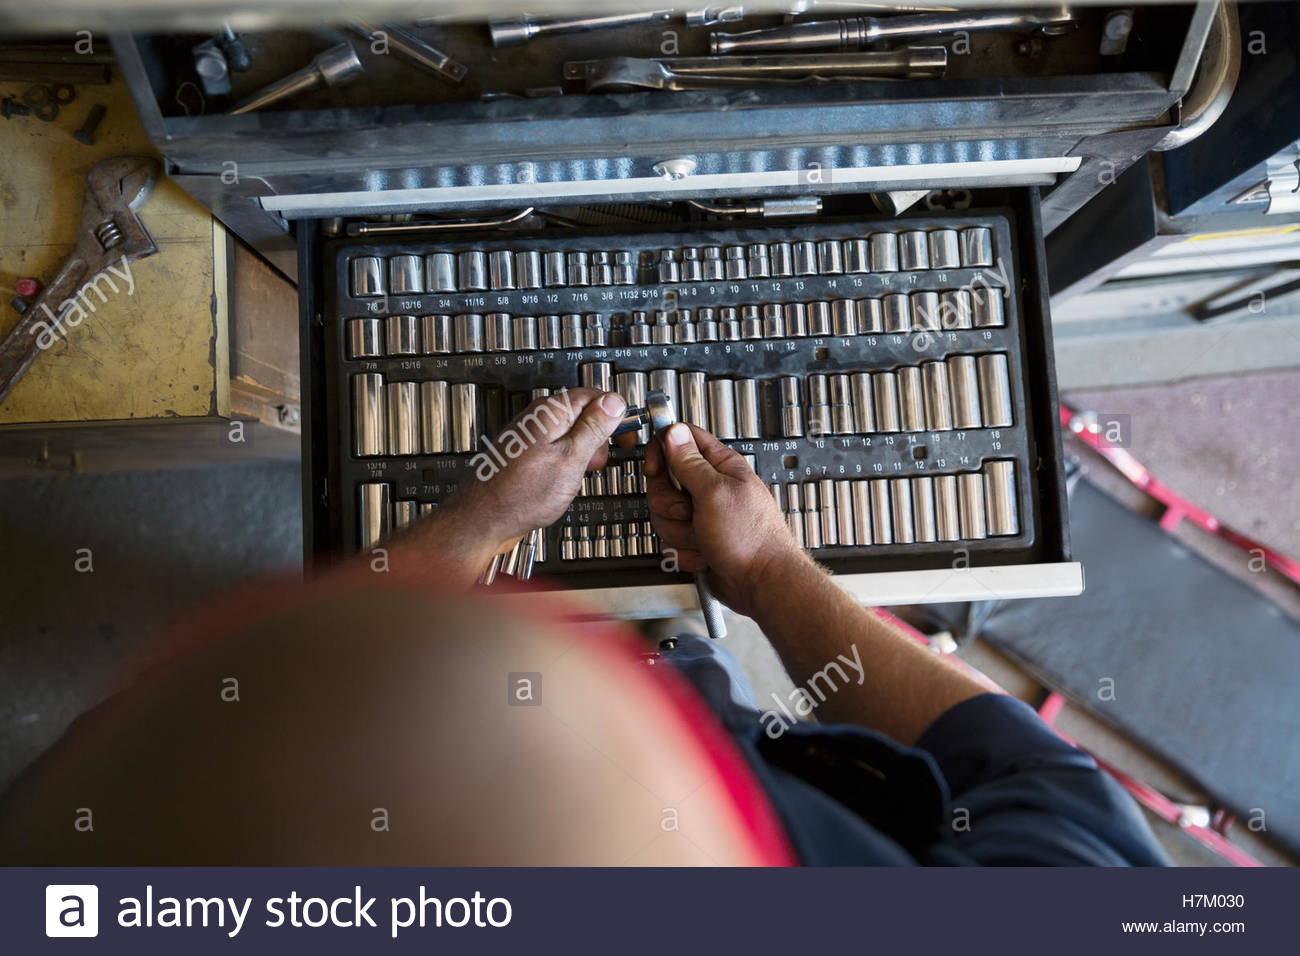 Vue supérieure de l'homme choisir mécanicien de foret dans la boîte à outils de l'atelier Photo Stock